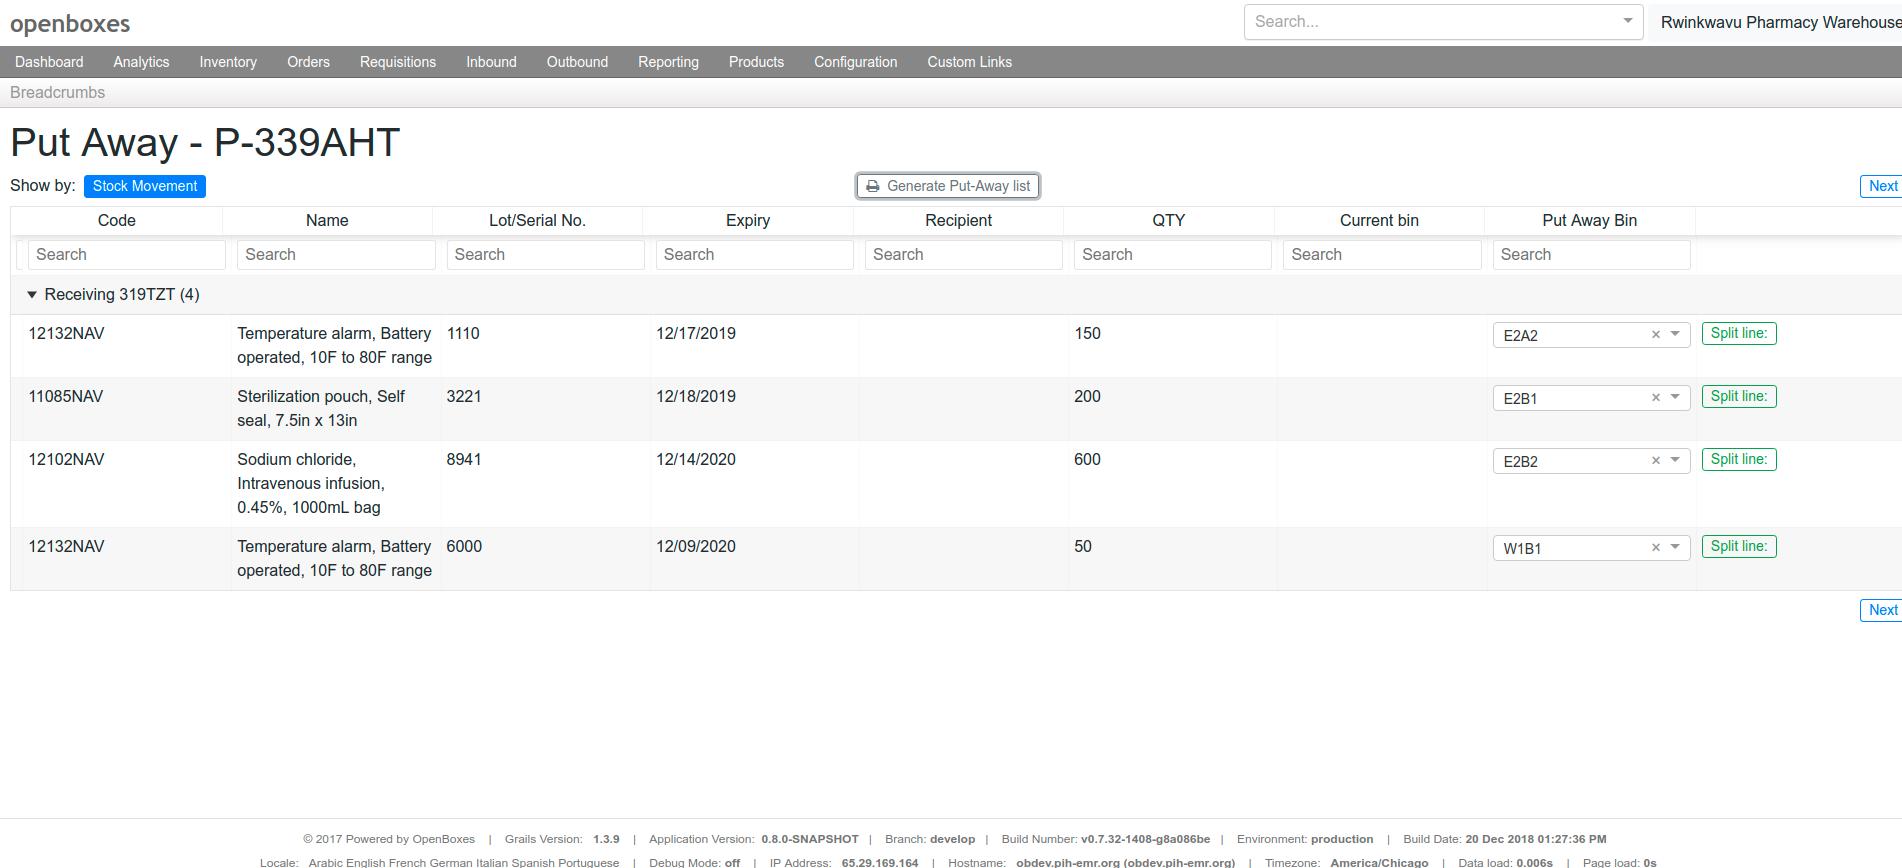 OpenBoxes 0.8.0 has been released